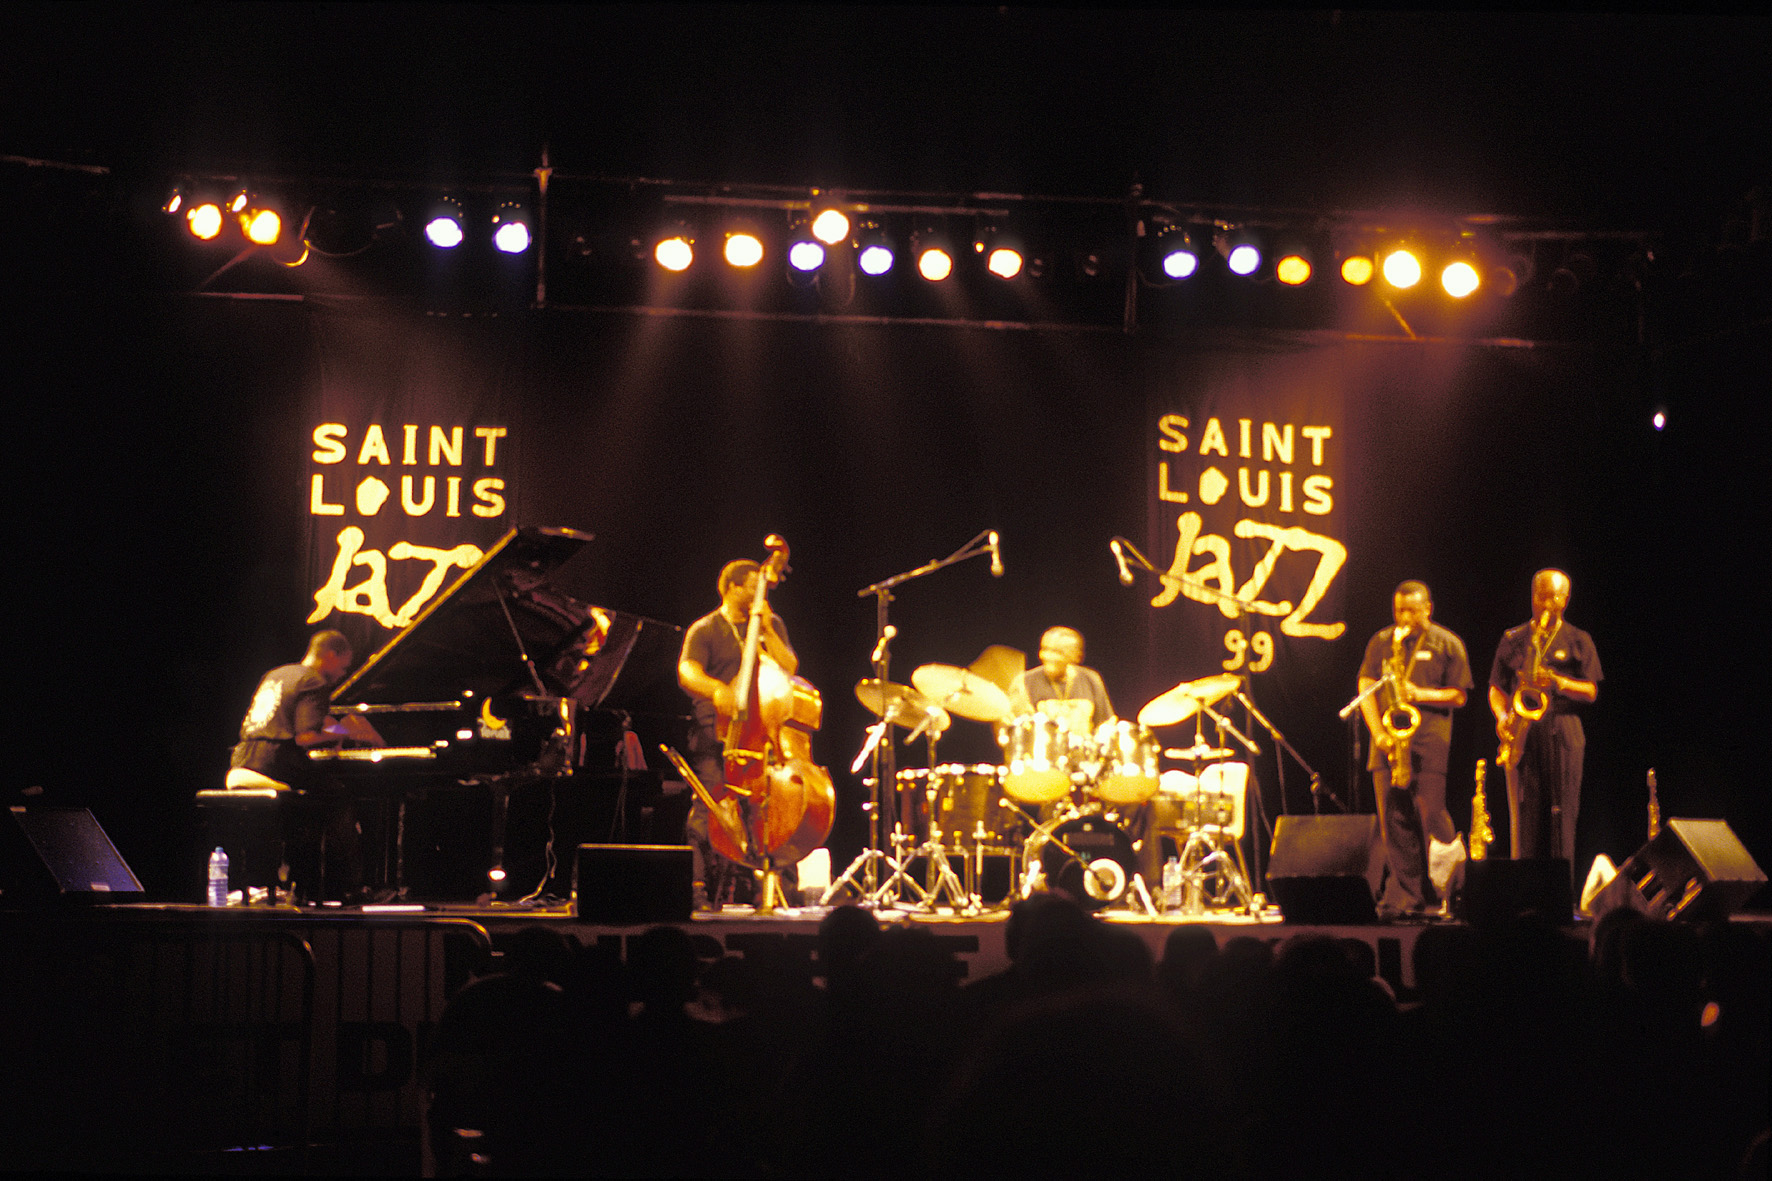 Le festival de Jazz de Saint - Louis